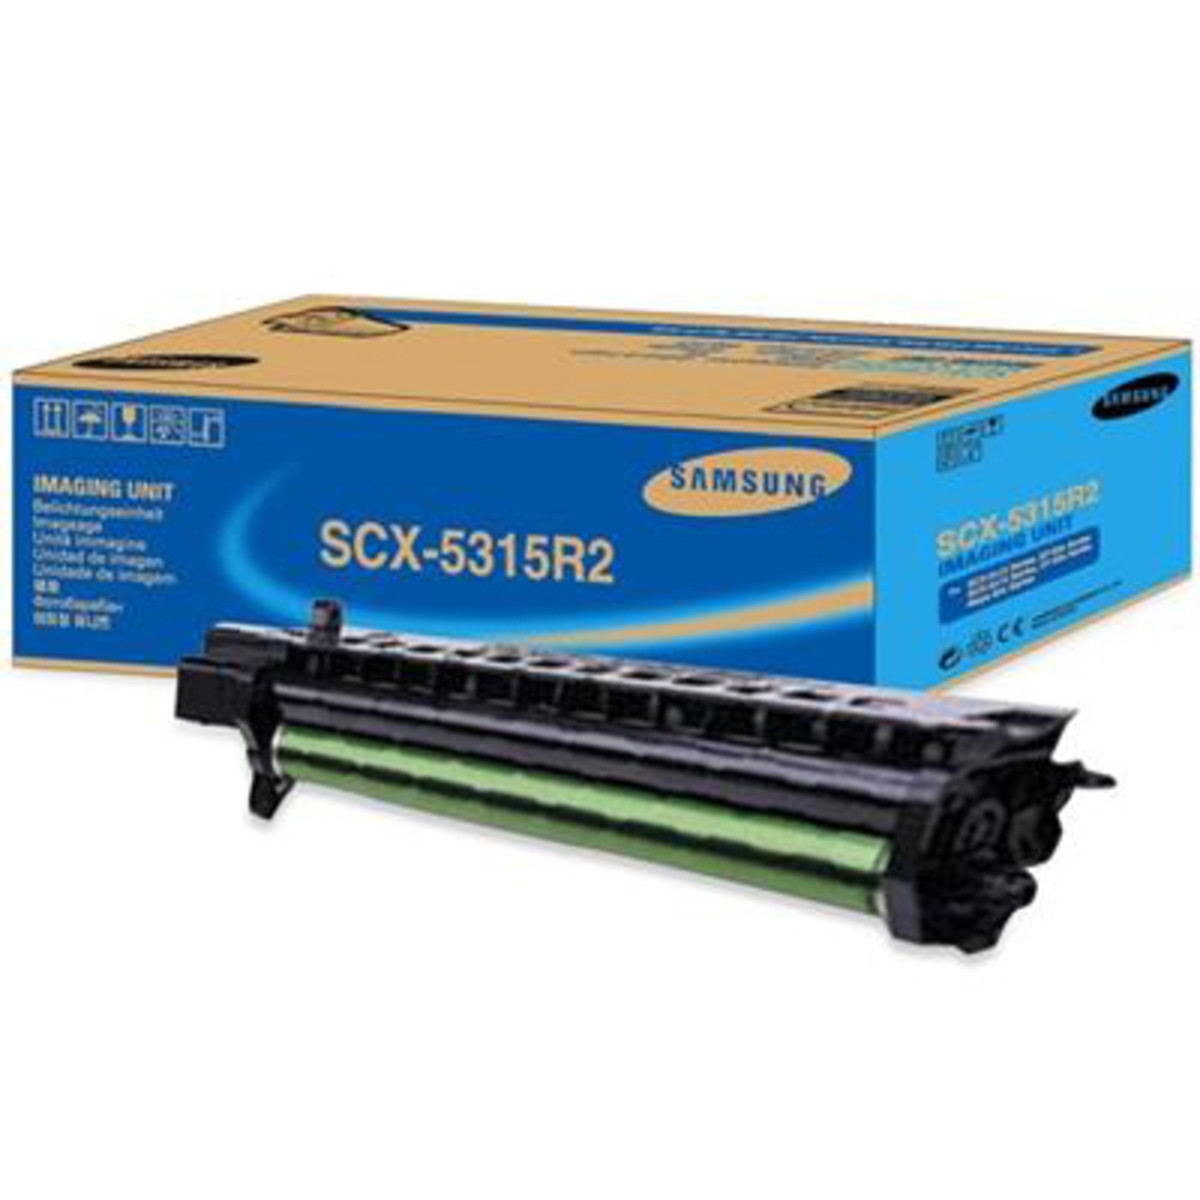 Samsung SCX-5315R2 Black Drum Unit